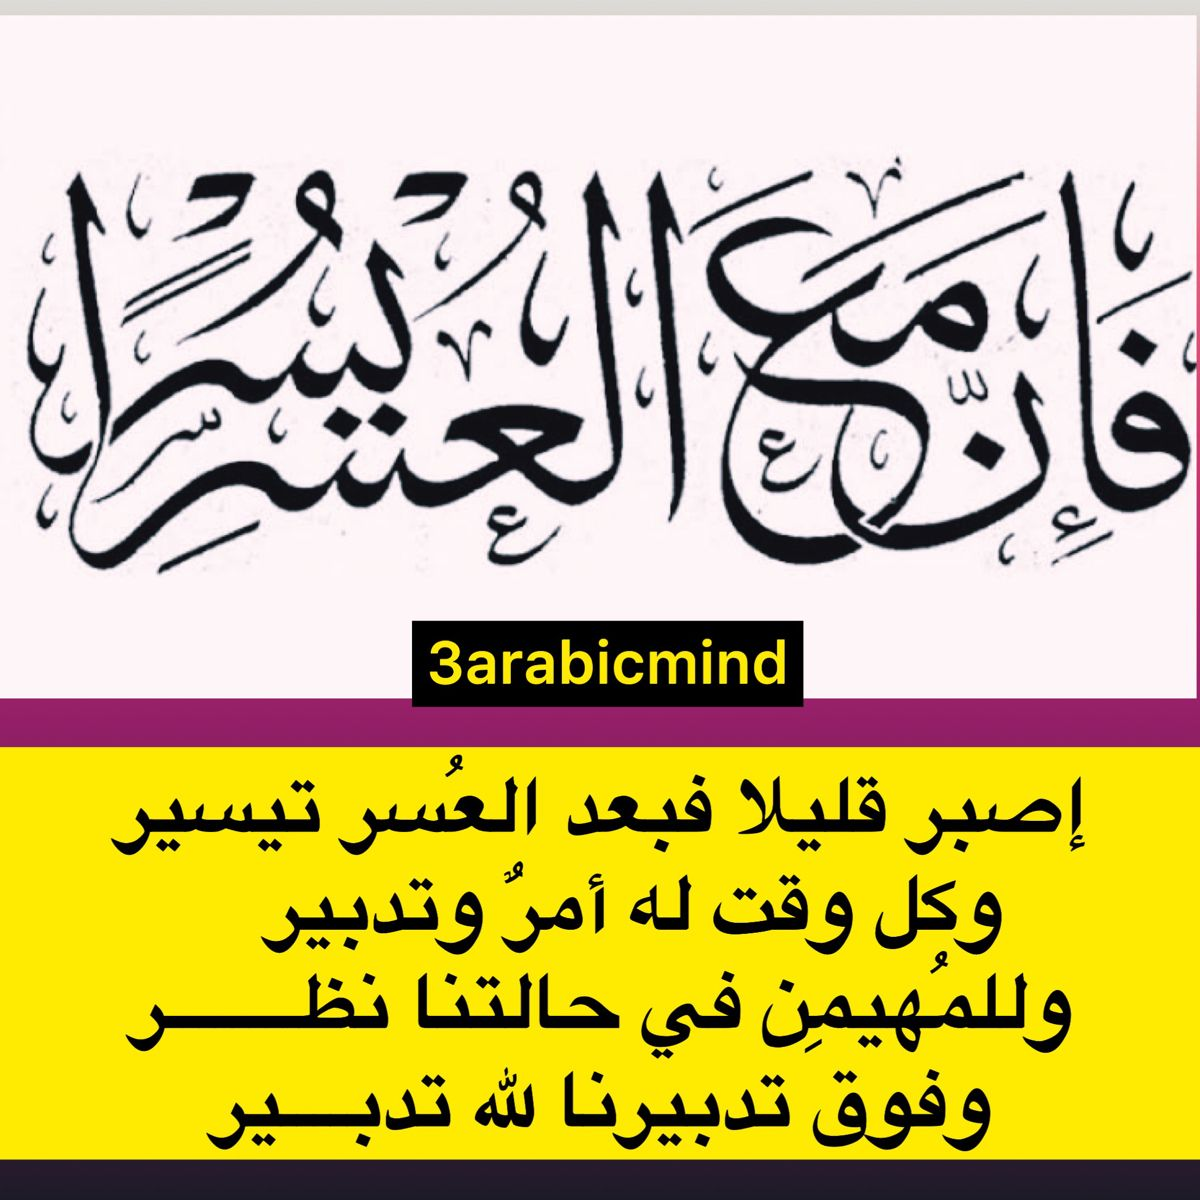 اصبر ثم اصبر فان بعد العسر يسرا Arabic Words Words Arabic Calligraphy